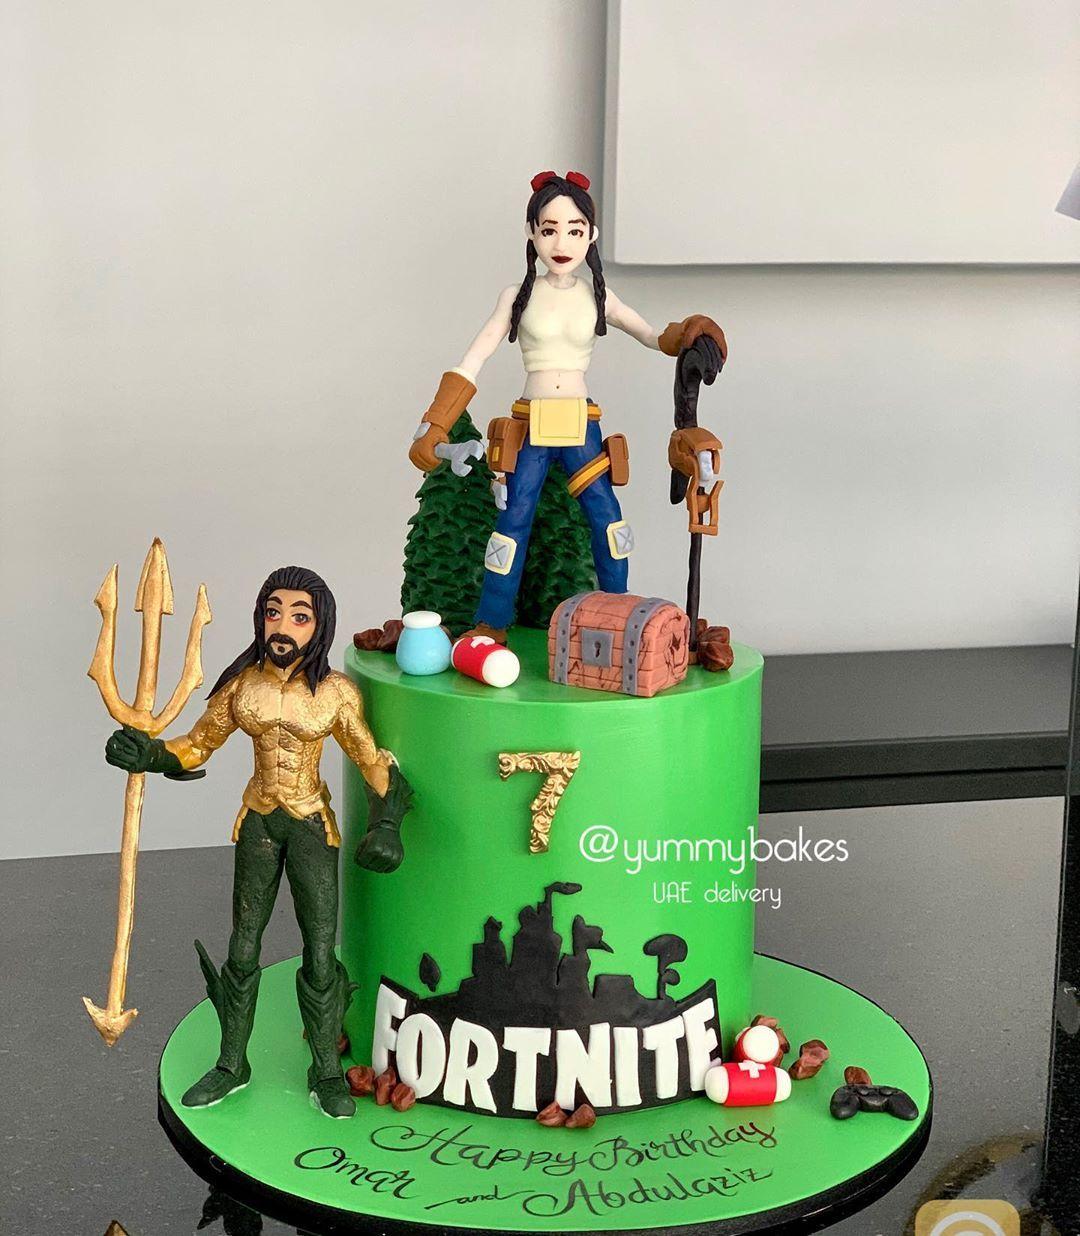 Fortnite Season 3 Cake Fortnite Cake كيكه فورتنايت كيكة فورتنايت كيك ابوظبي كيك عيد ميلاد ولد Fortnite Birthday Fortn Birthday Cake Cake Birthday